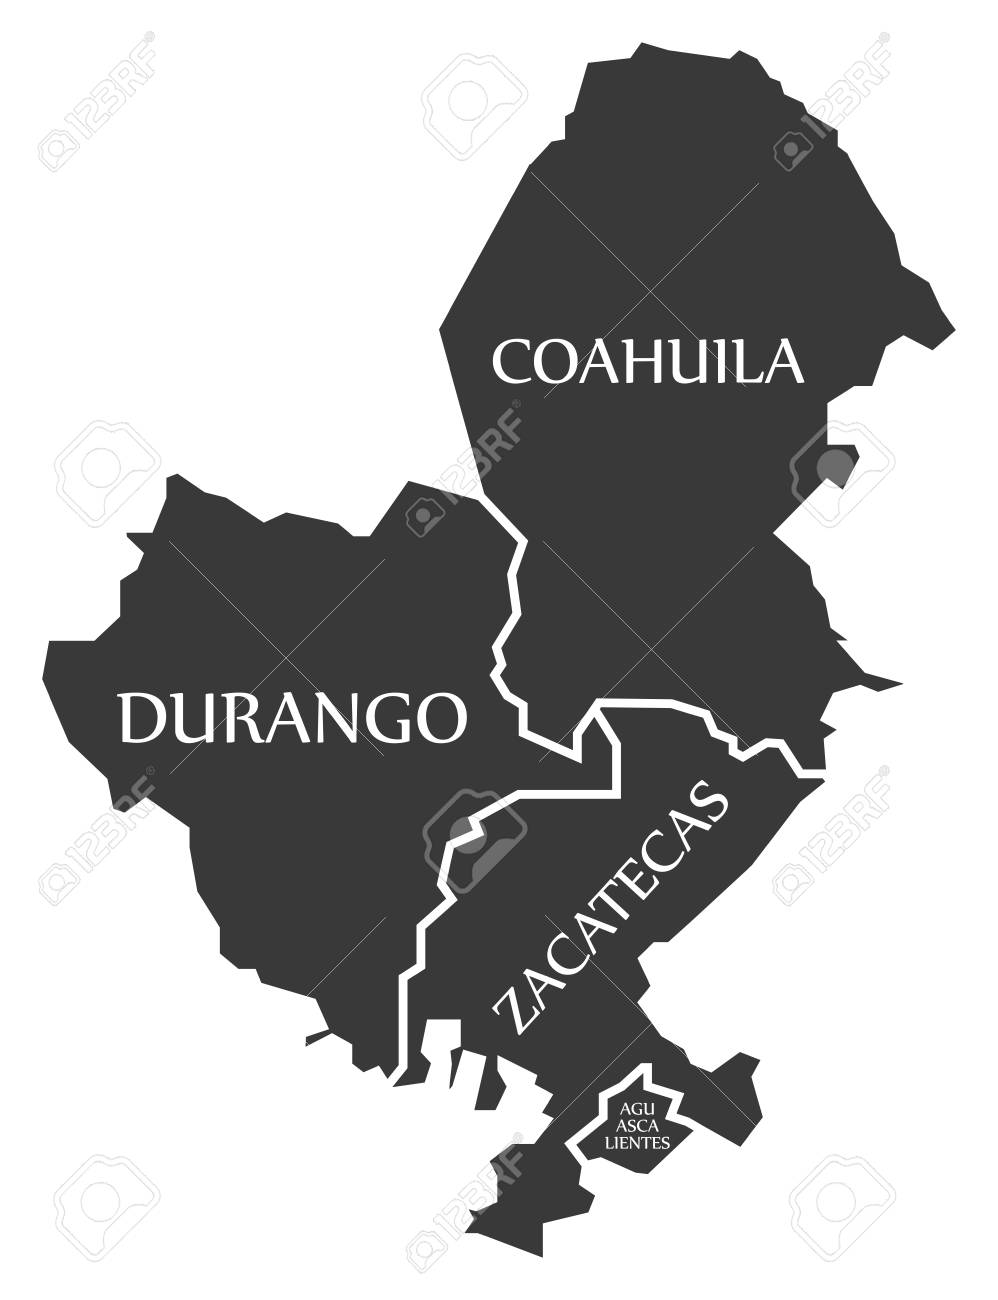 Durango Coahuila Zacatecas Aguascalientes Map Mexico